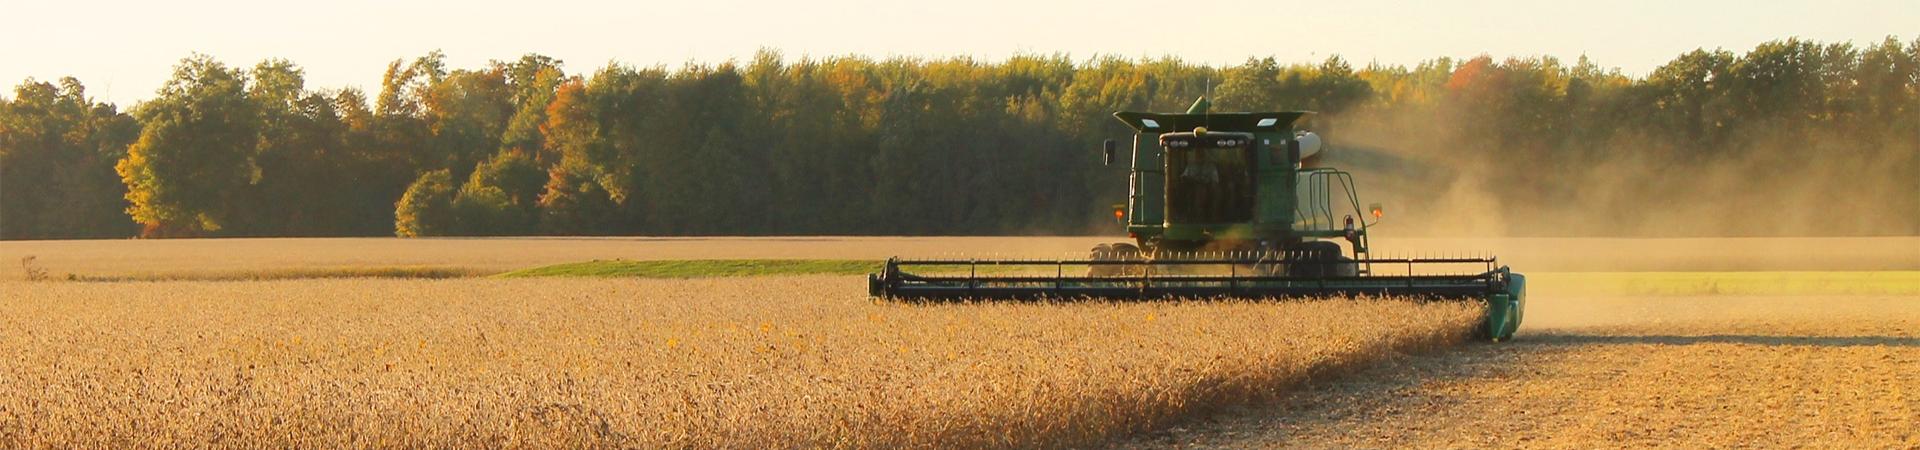 Agriculture_harvester_header_1920x450